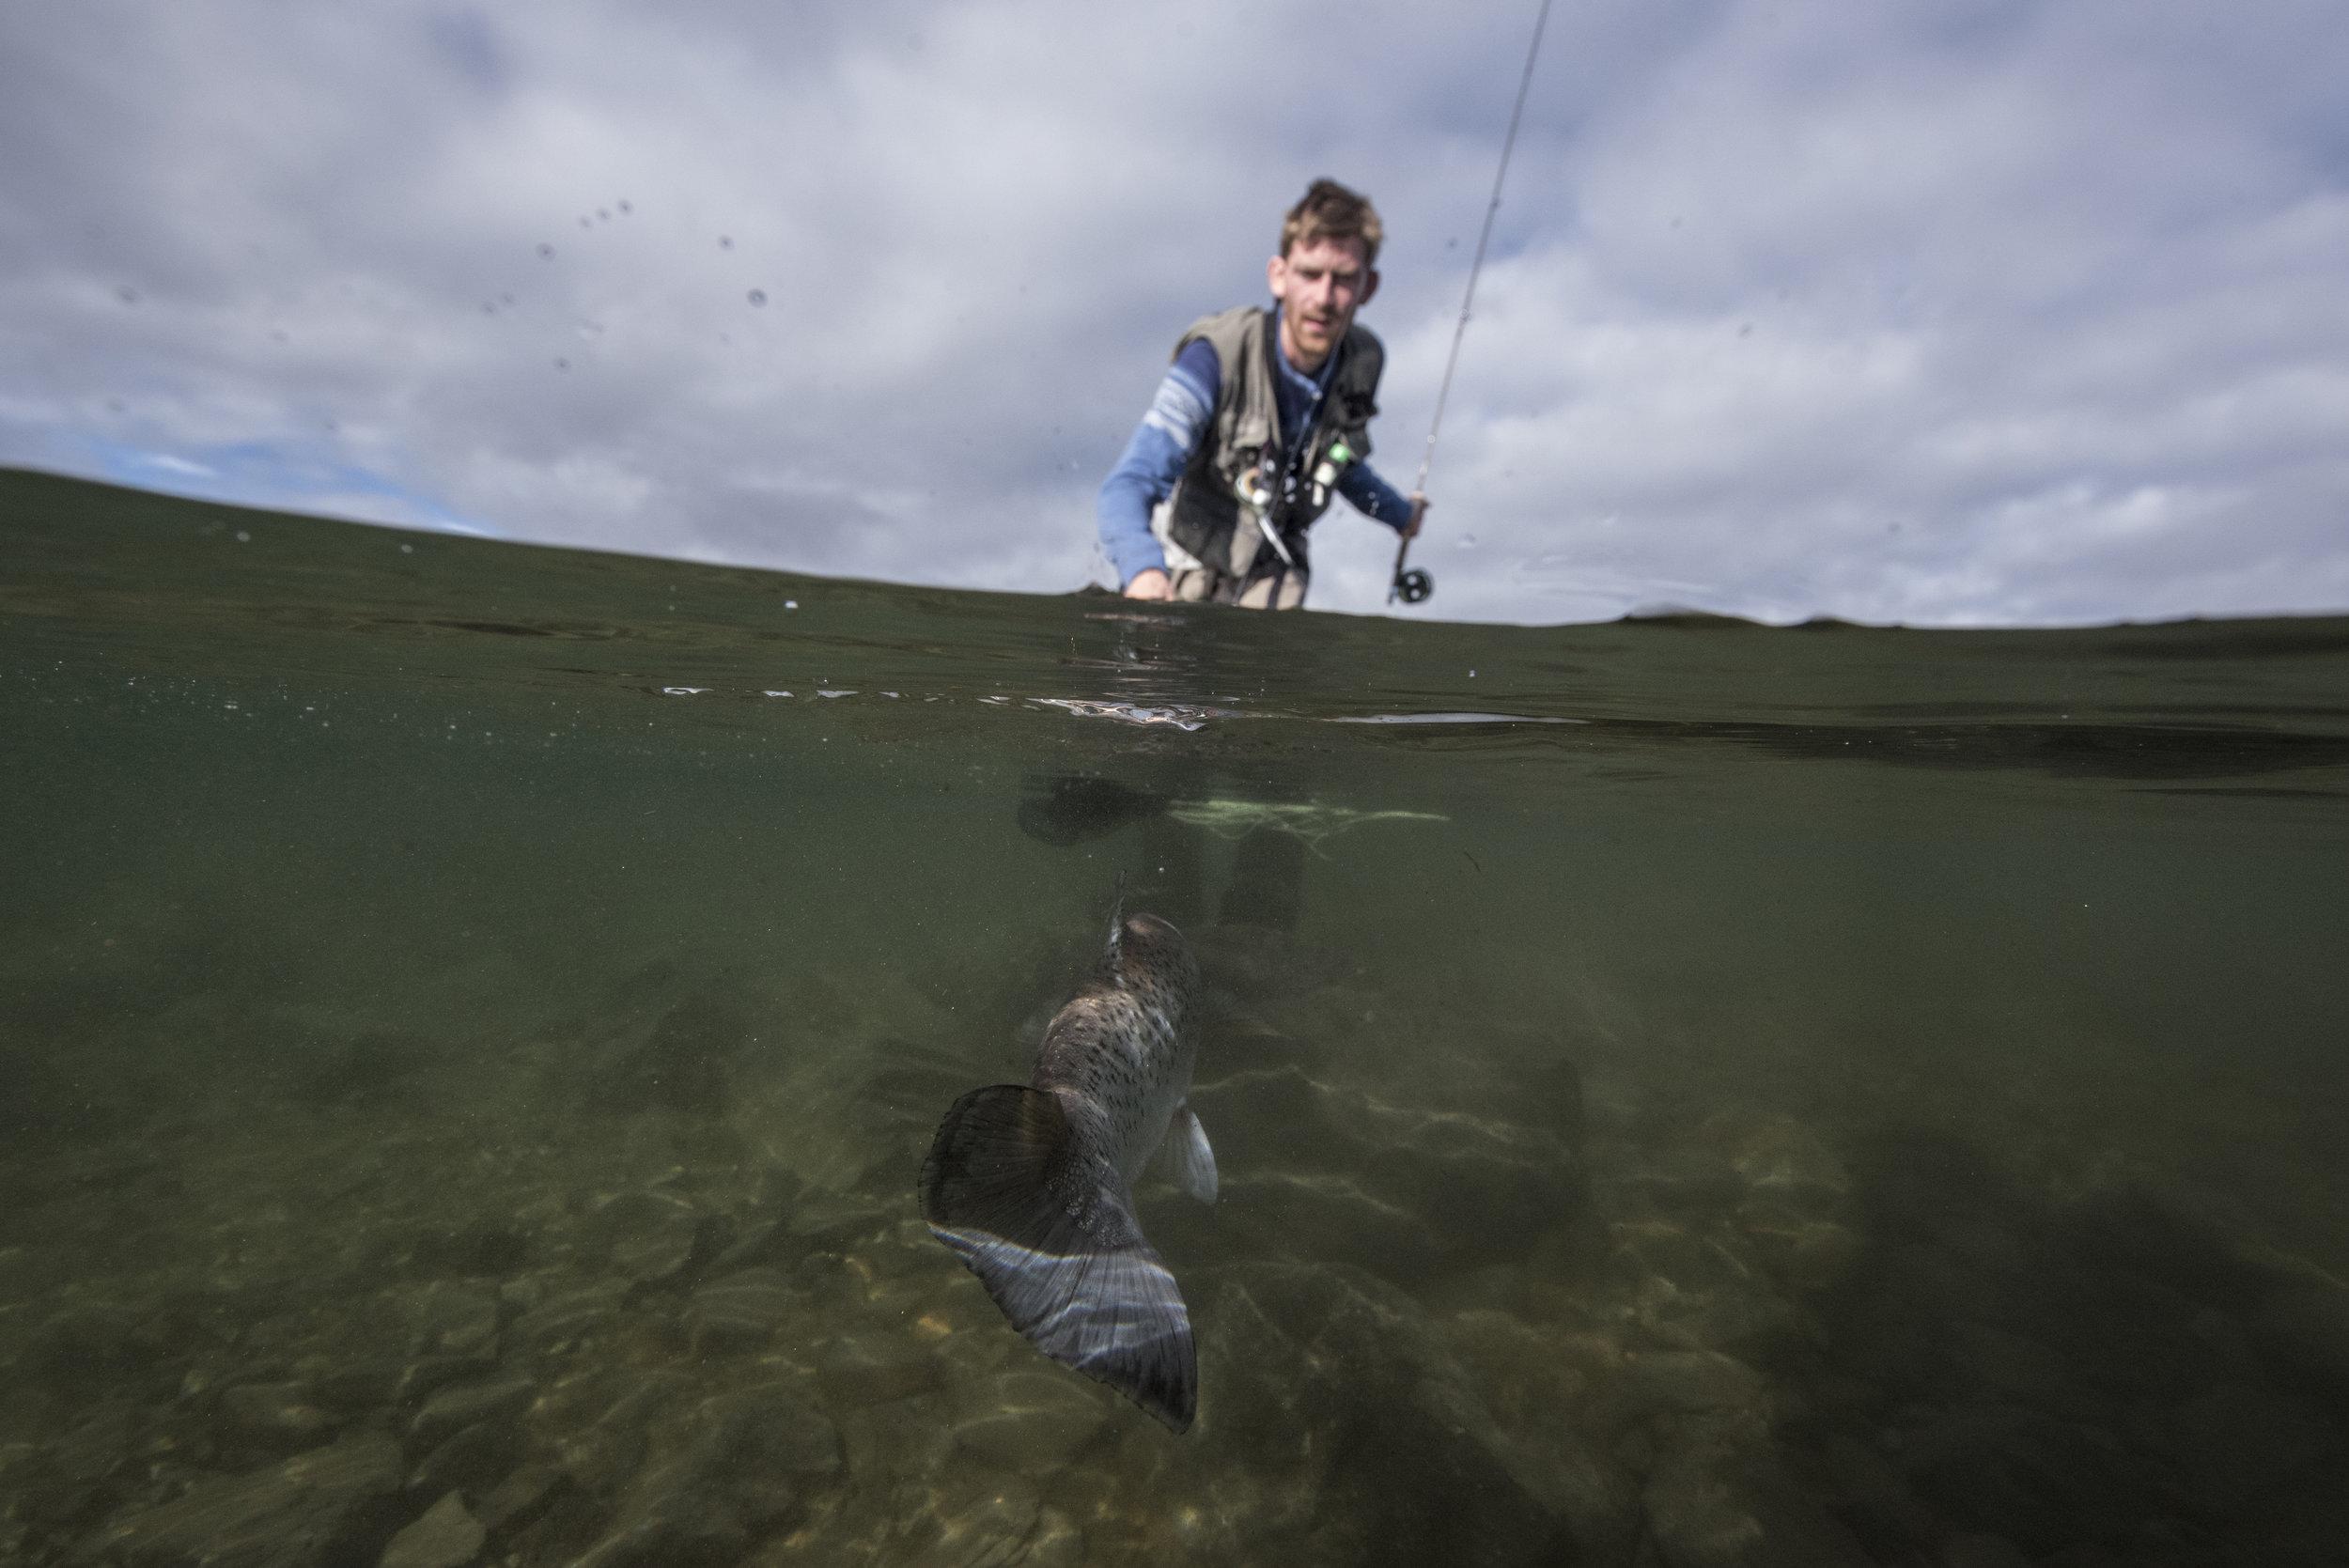 Rensenn - Rensenn er et meget langgrunt vann, spesielt fra nordsiden. Hele vannet er produktivt. Det er ingen opparbeidede stier rundt vannet, men det er greit å komme seg frem. Fra land er det gode fiskeplasser på sørlig og østlig side ved inn- og utløpsoser. Rensenn kan med fordel fiskes fra båt (uten motor). Mark og dupp er gode metoder her. Fluefiske er vanskekig uten bruk av vadere. Rensenn egner seg også godt for isfiske.Her får du: Ørret, Abbor